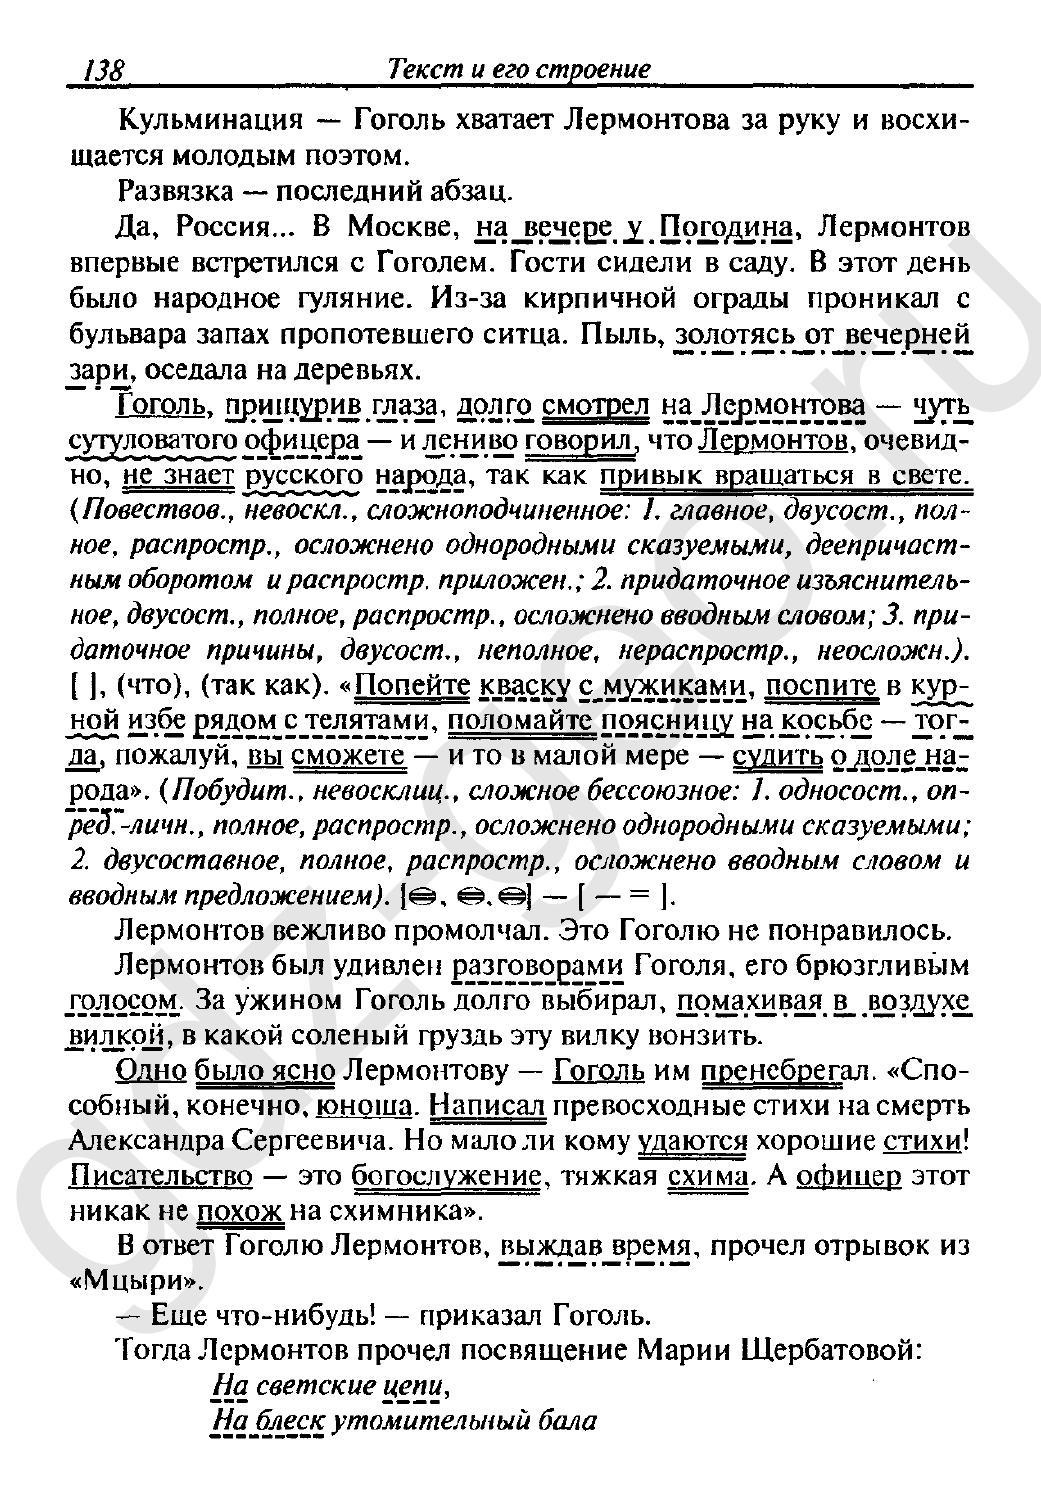 власенков 10 гдз текст русскому рыбченкова речи стили грамматика по языку